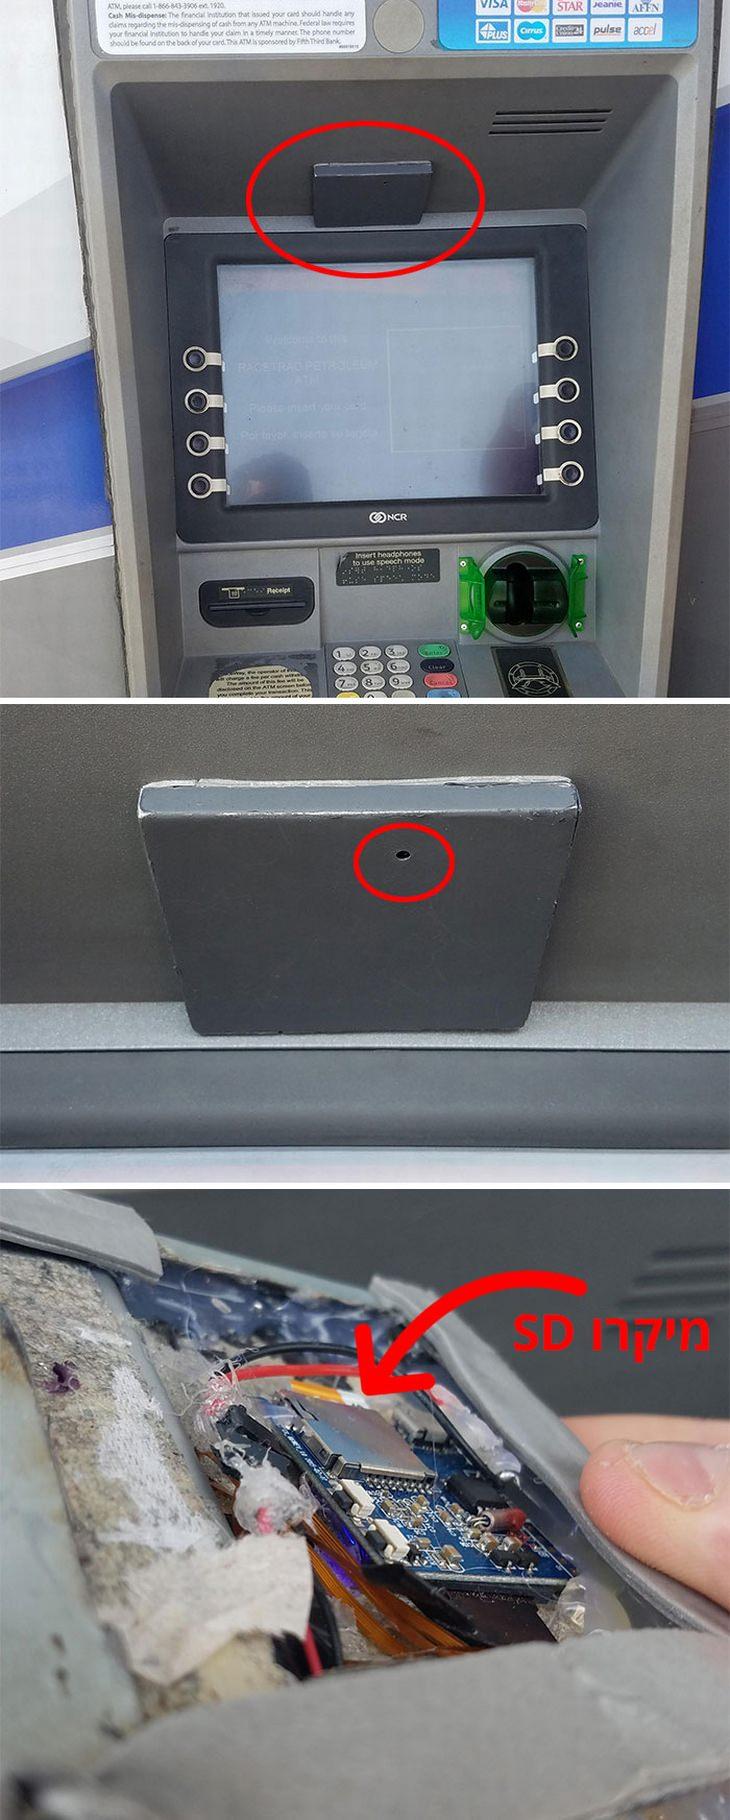 תרמיות בכספומטים: חפץ חשוד מעל מקום הקלדת הקוד הסודי בכספומטים